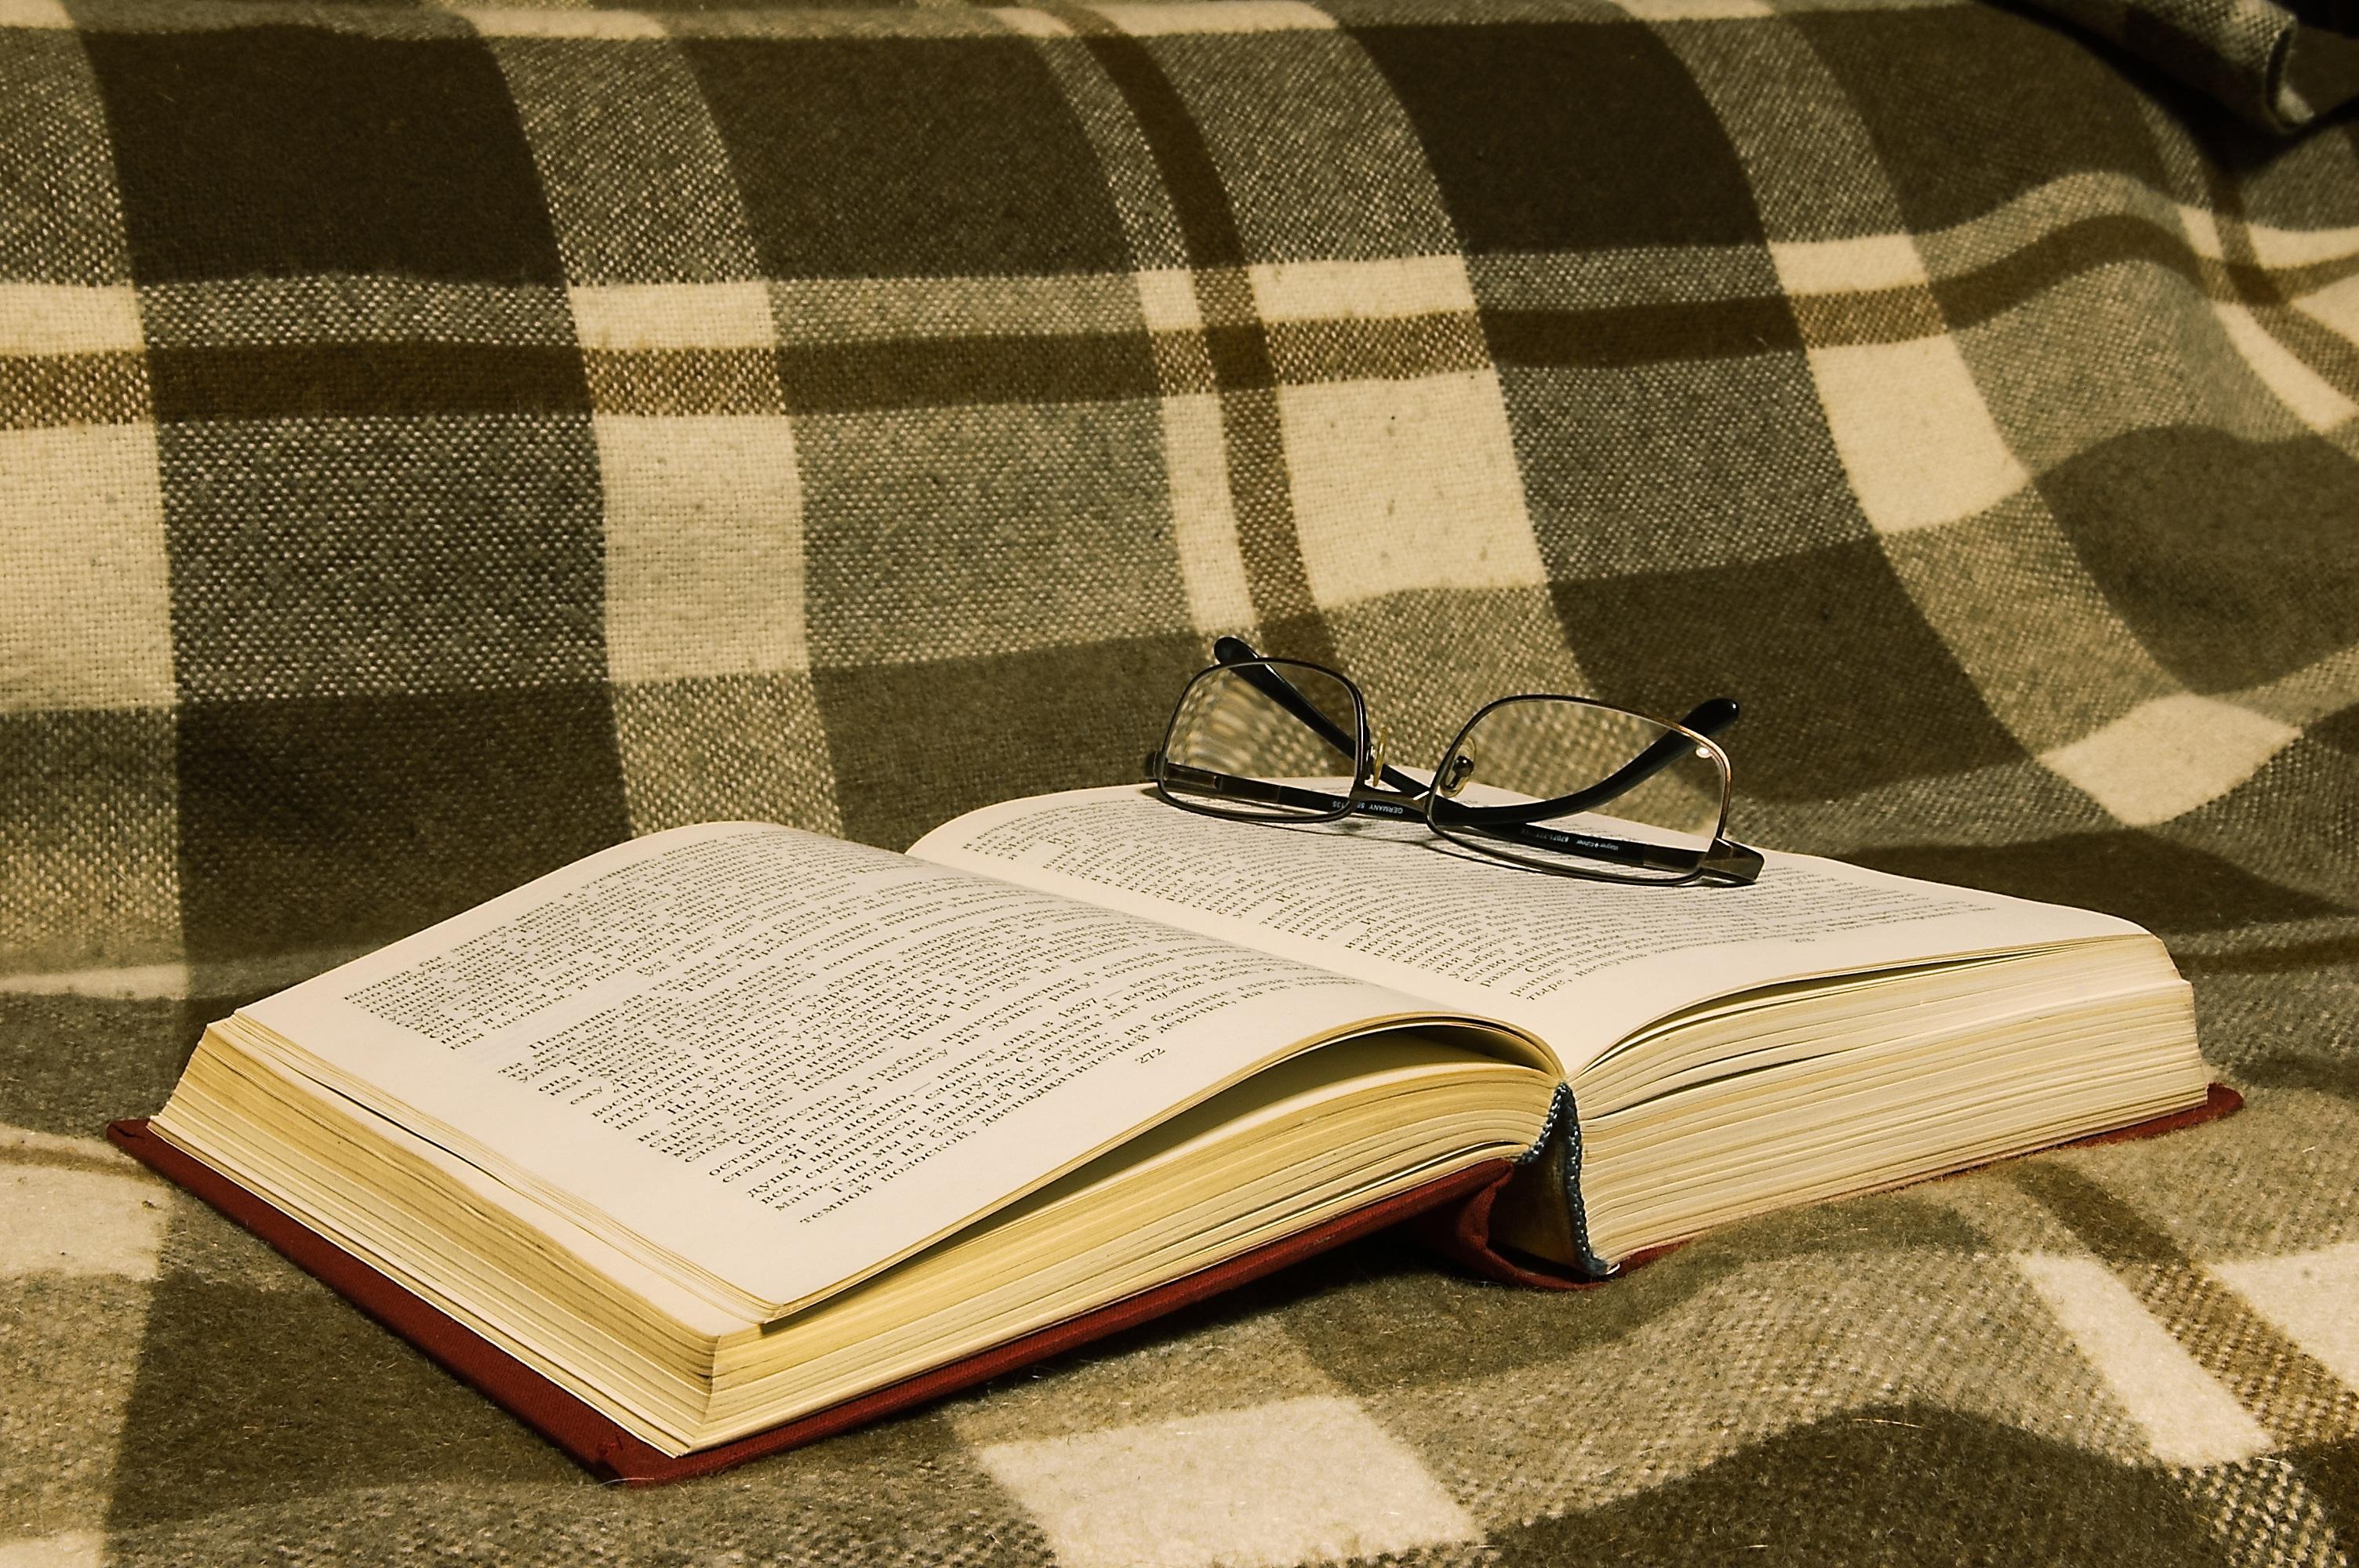 Fotos gratis : mesa, libro, leer, vacaciones, noche, mueble, tartán ...